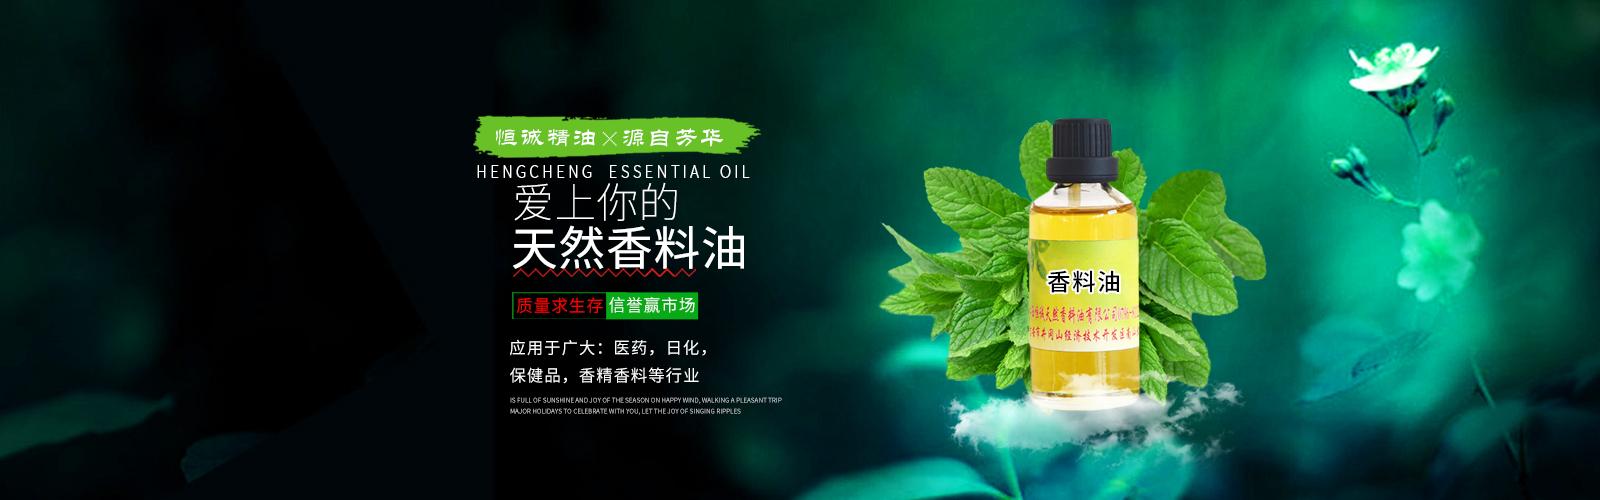 洋甘菊油是什么,为什么要使用洋甘菊油